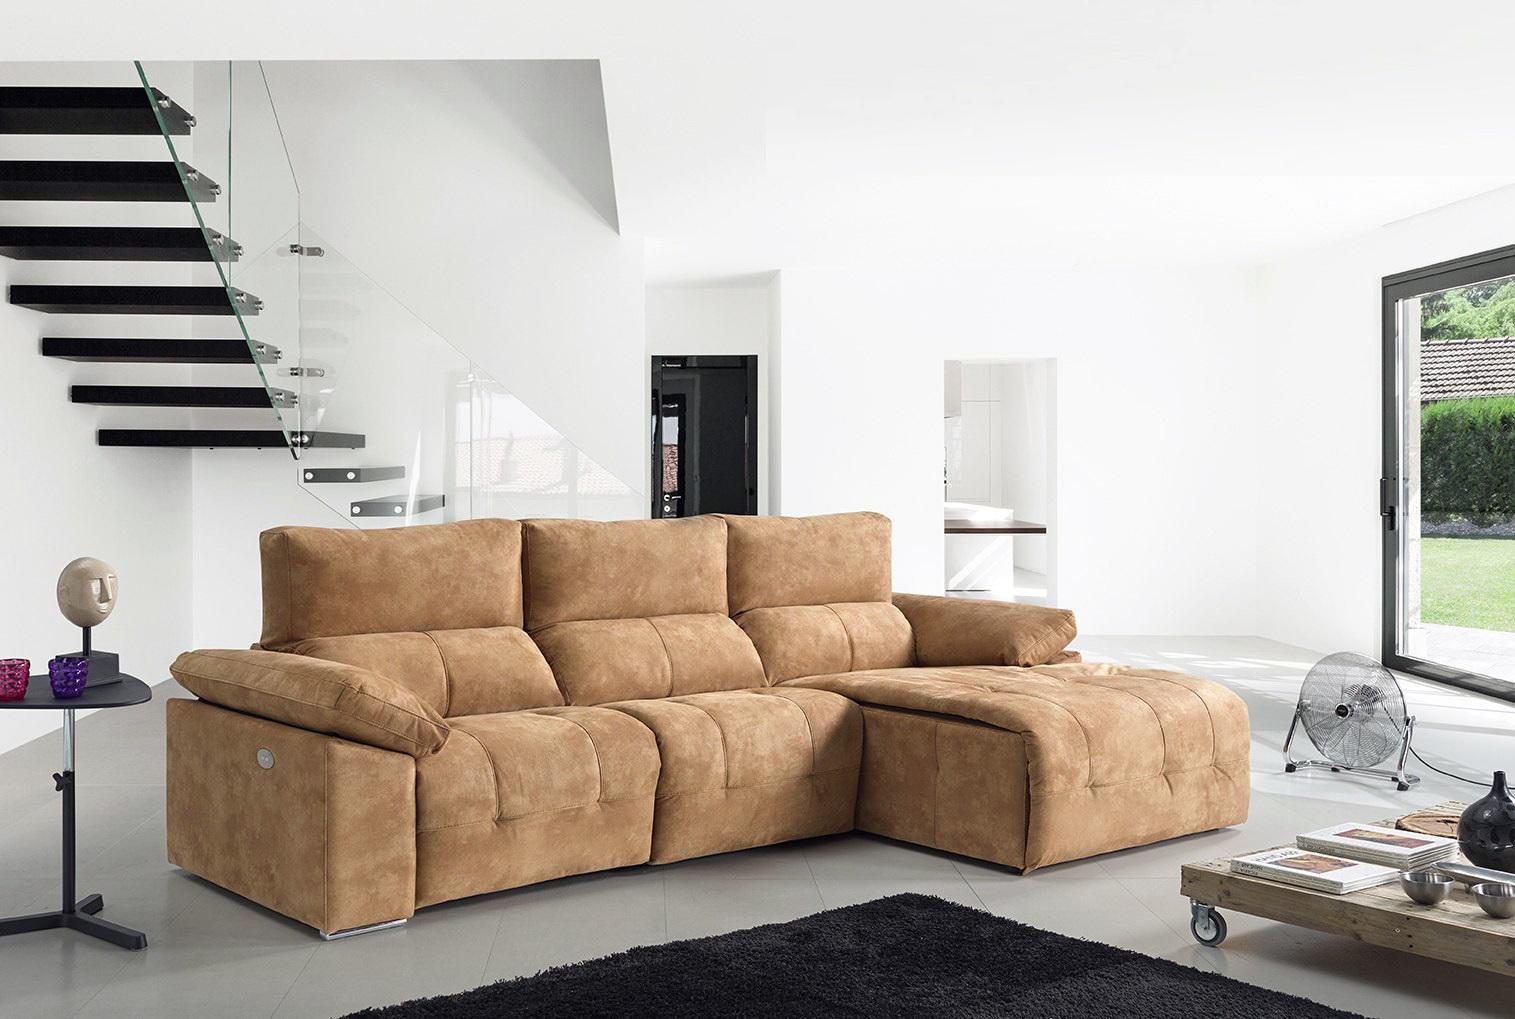 Shire sof modular relax motorizado by vizca no tapizados for Muebles en leon baratos